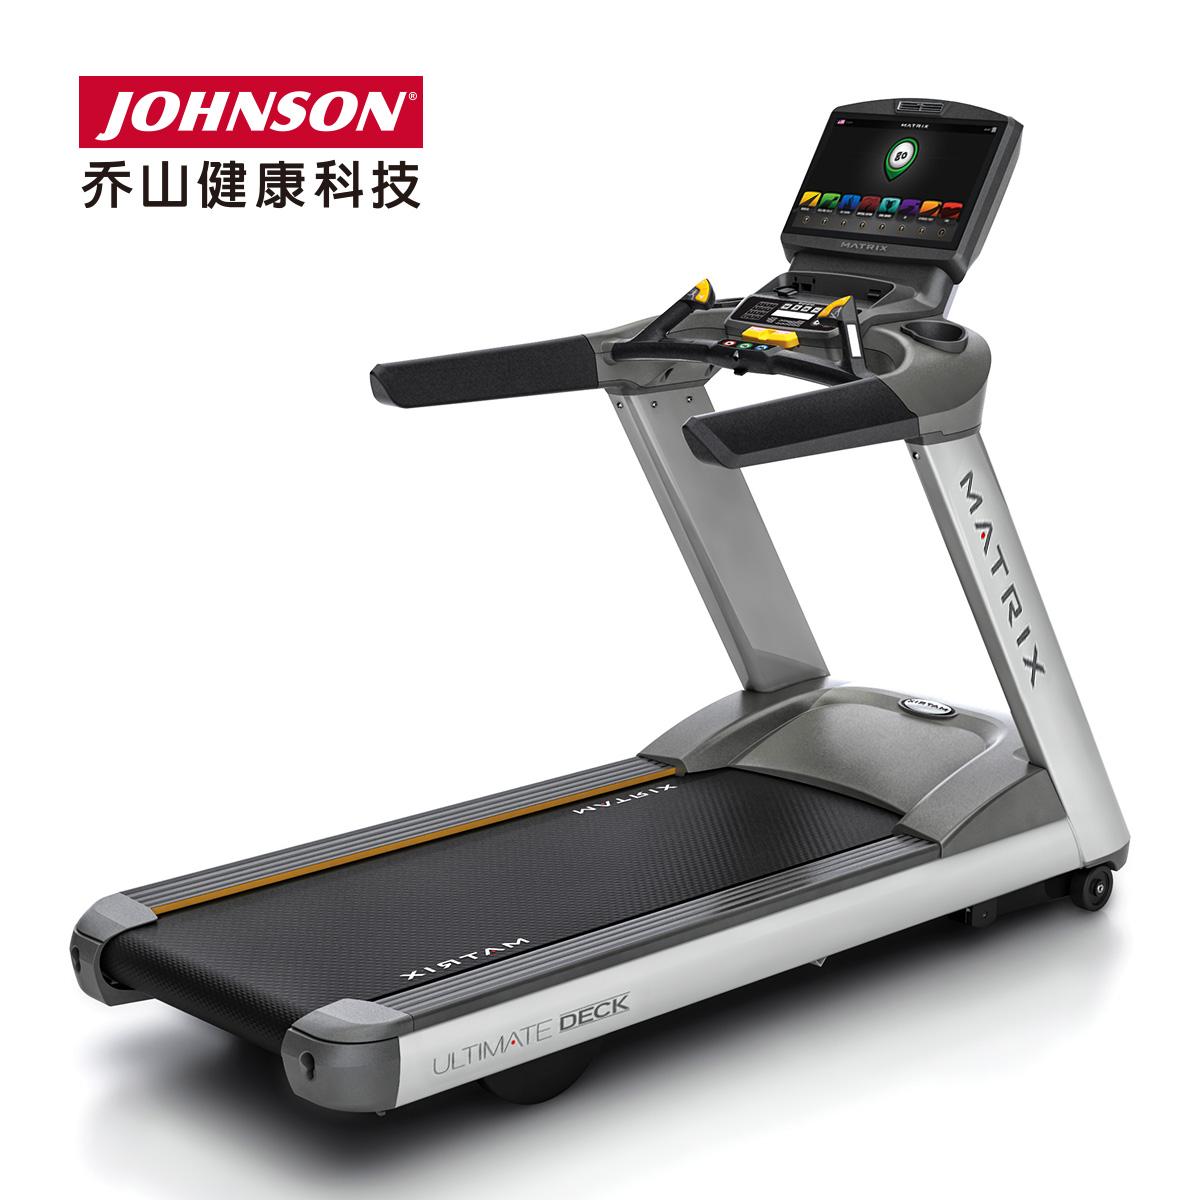 乔山高端商用机T7xi 跑步机